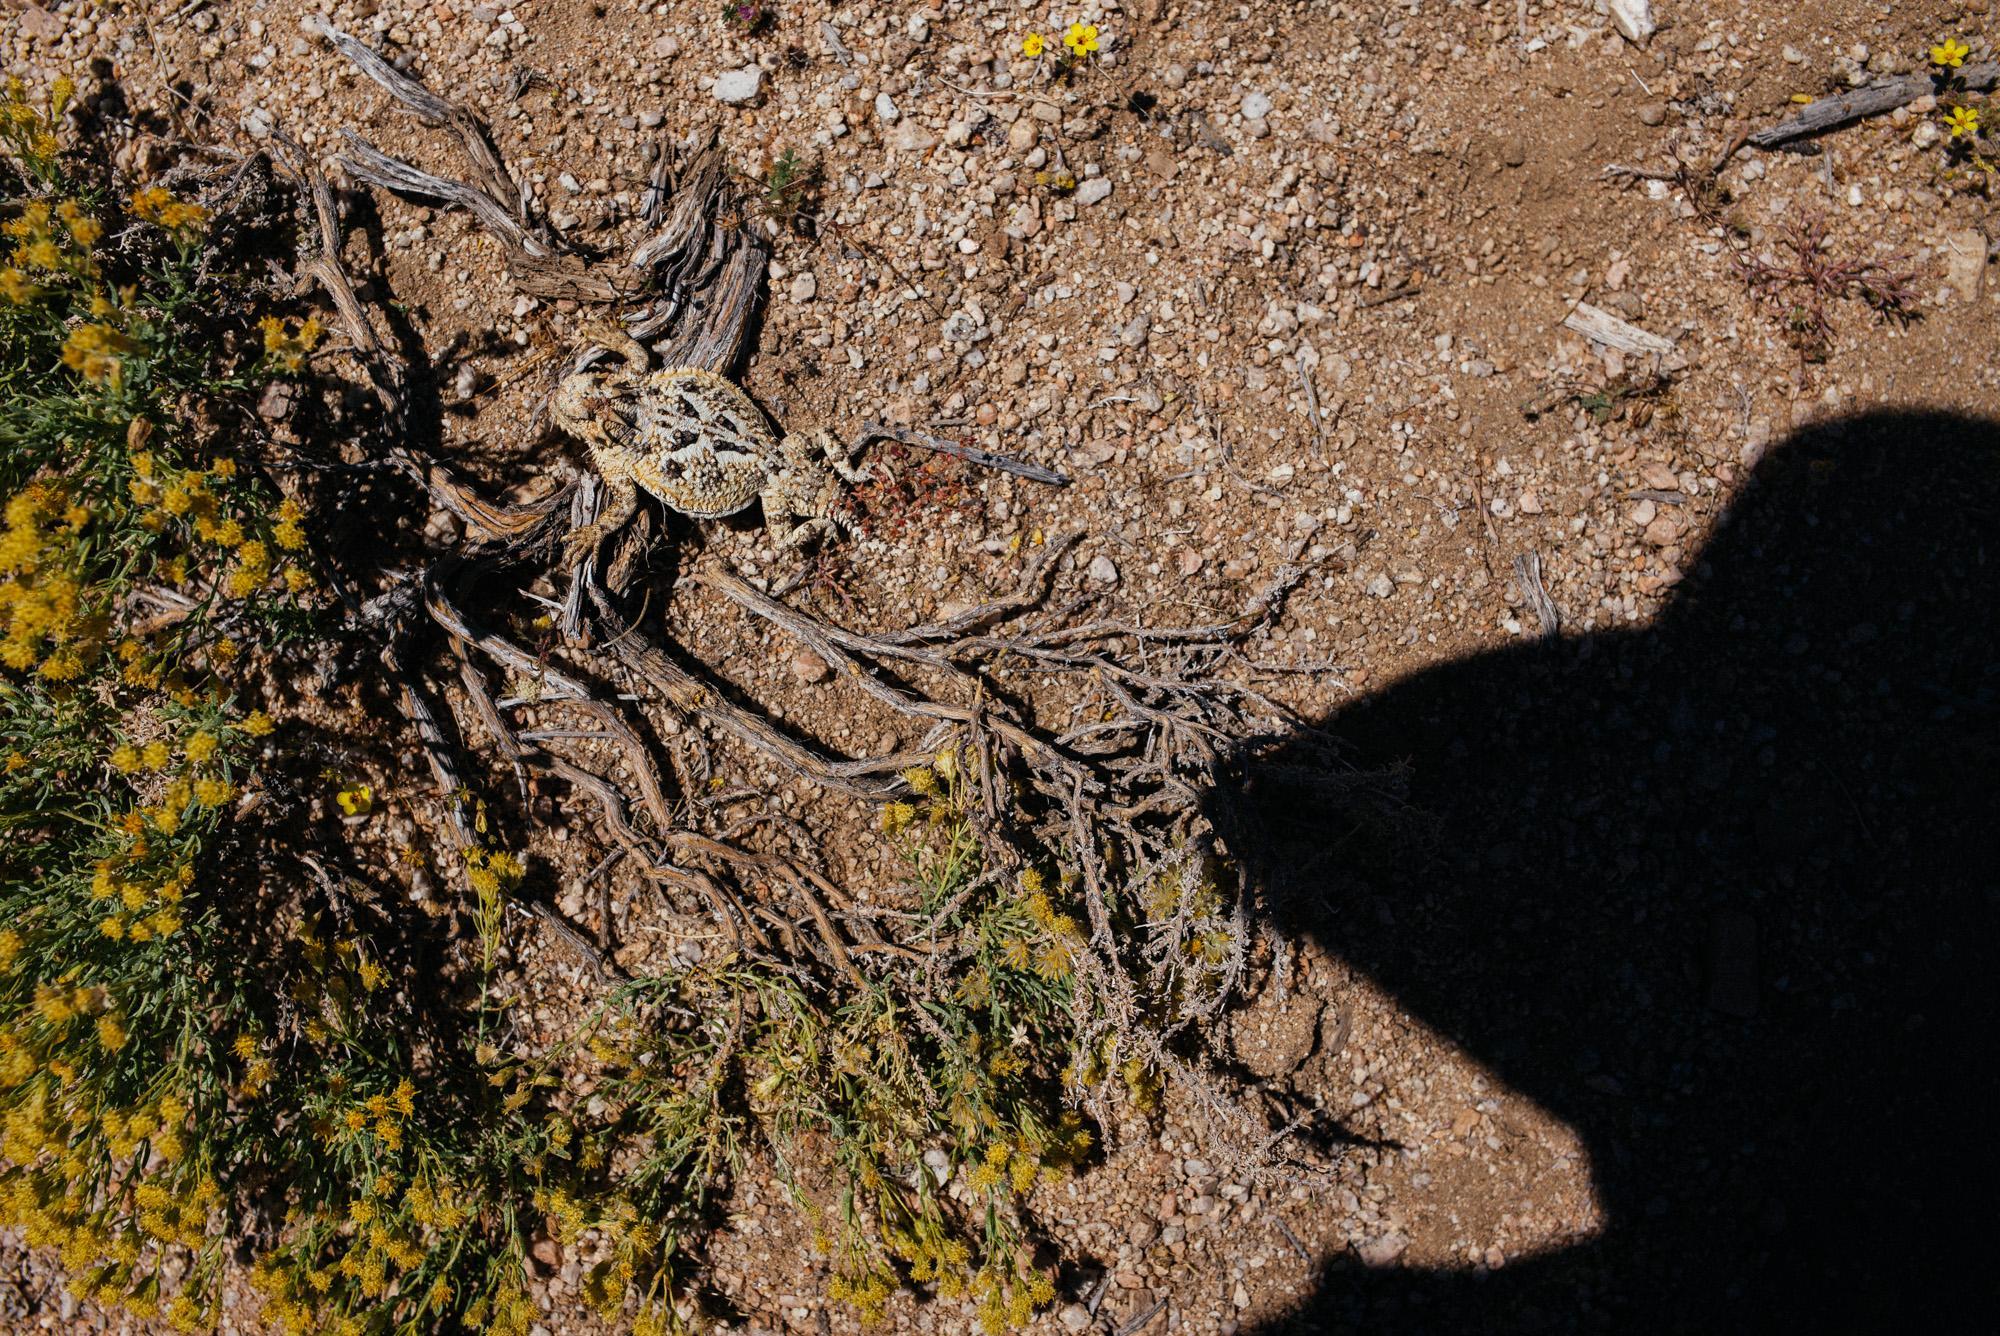 Desert horned lizard, chilling.